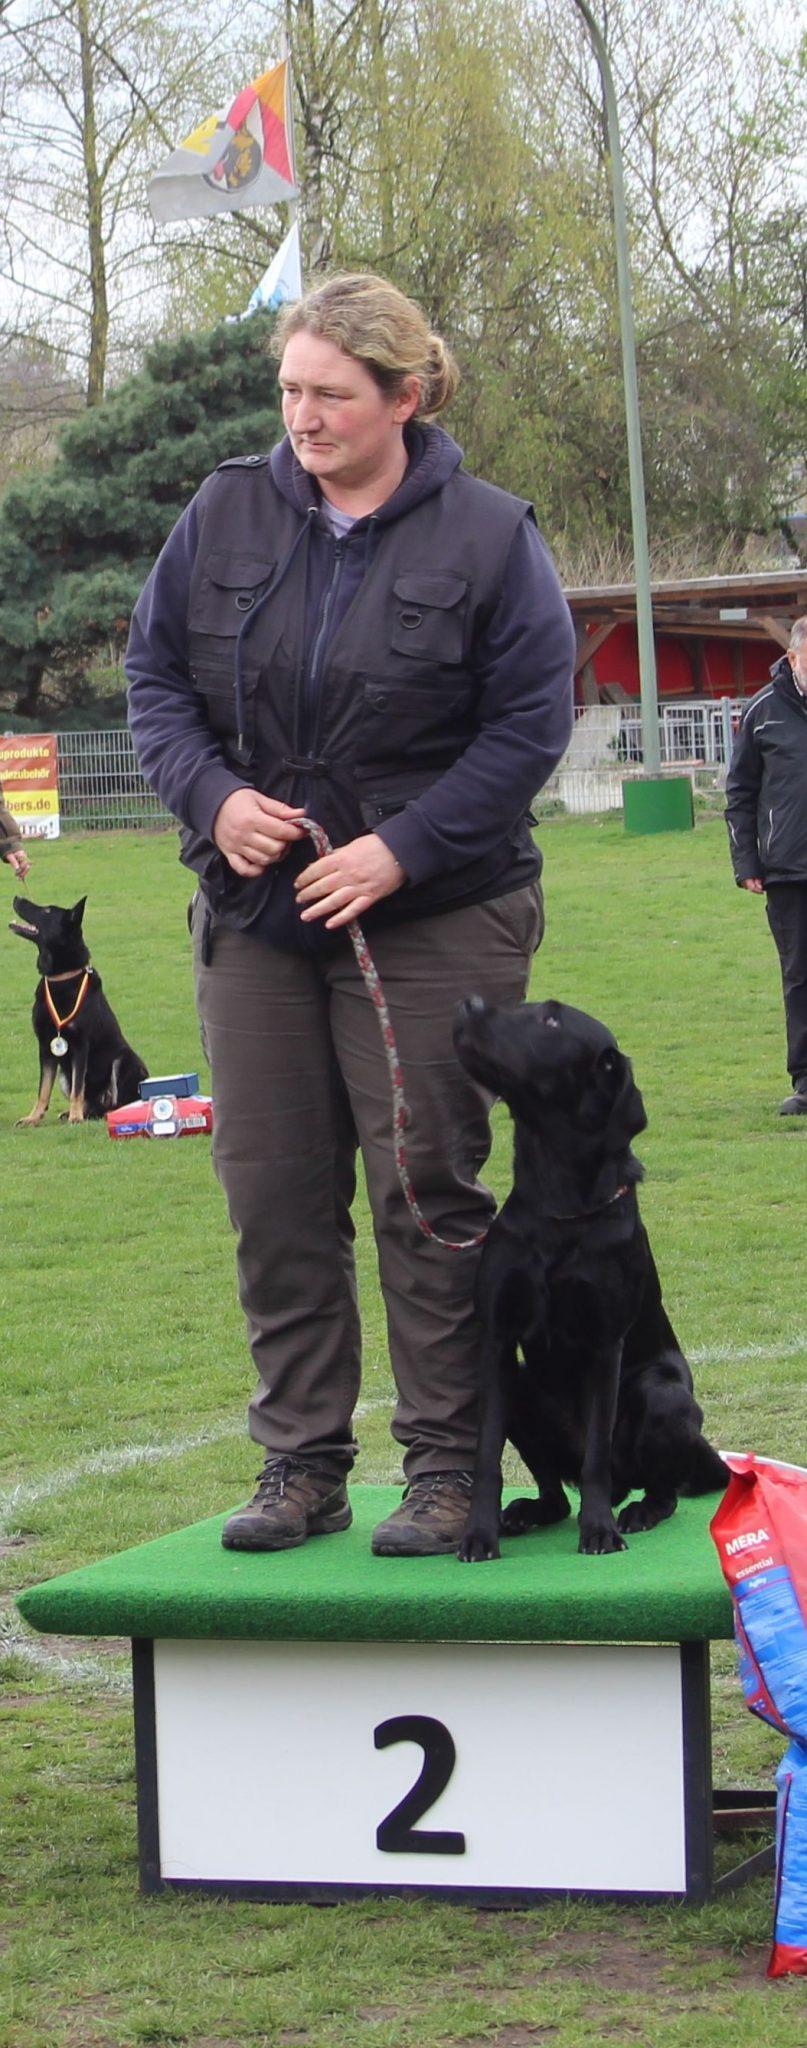 IRO Rettungshundprüfung 2019 2